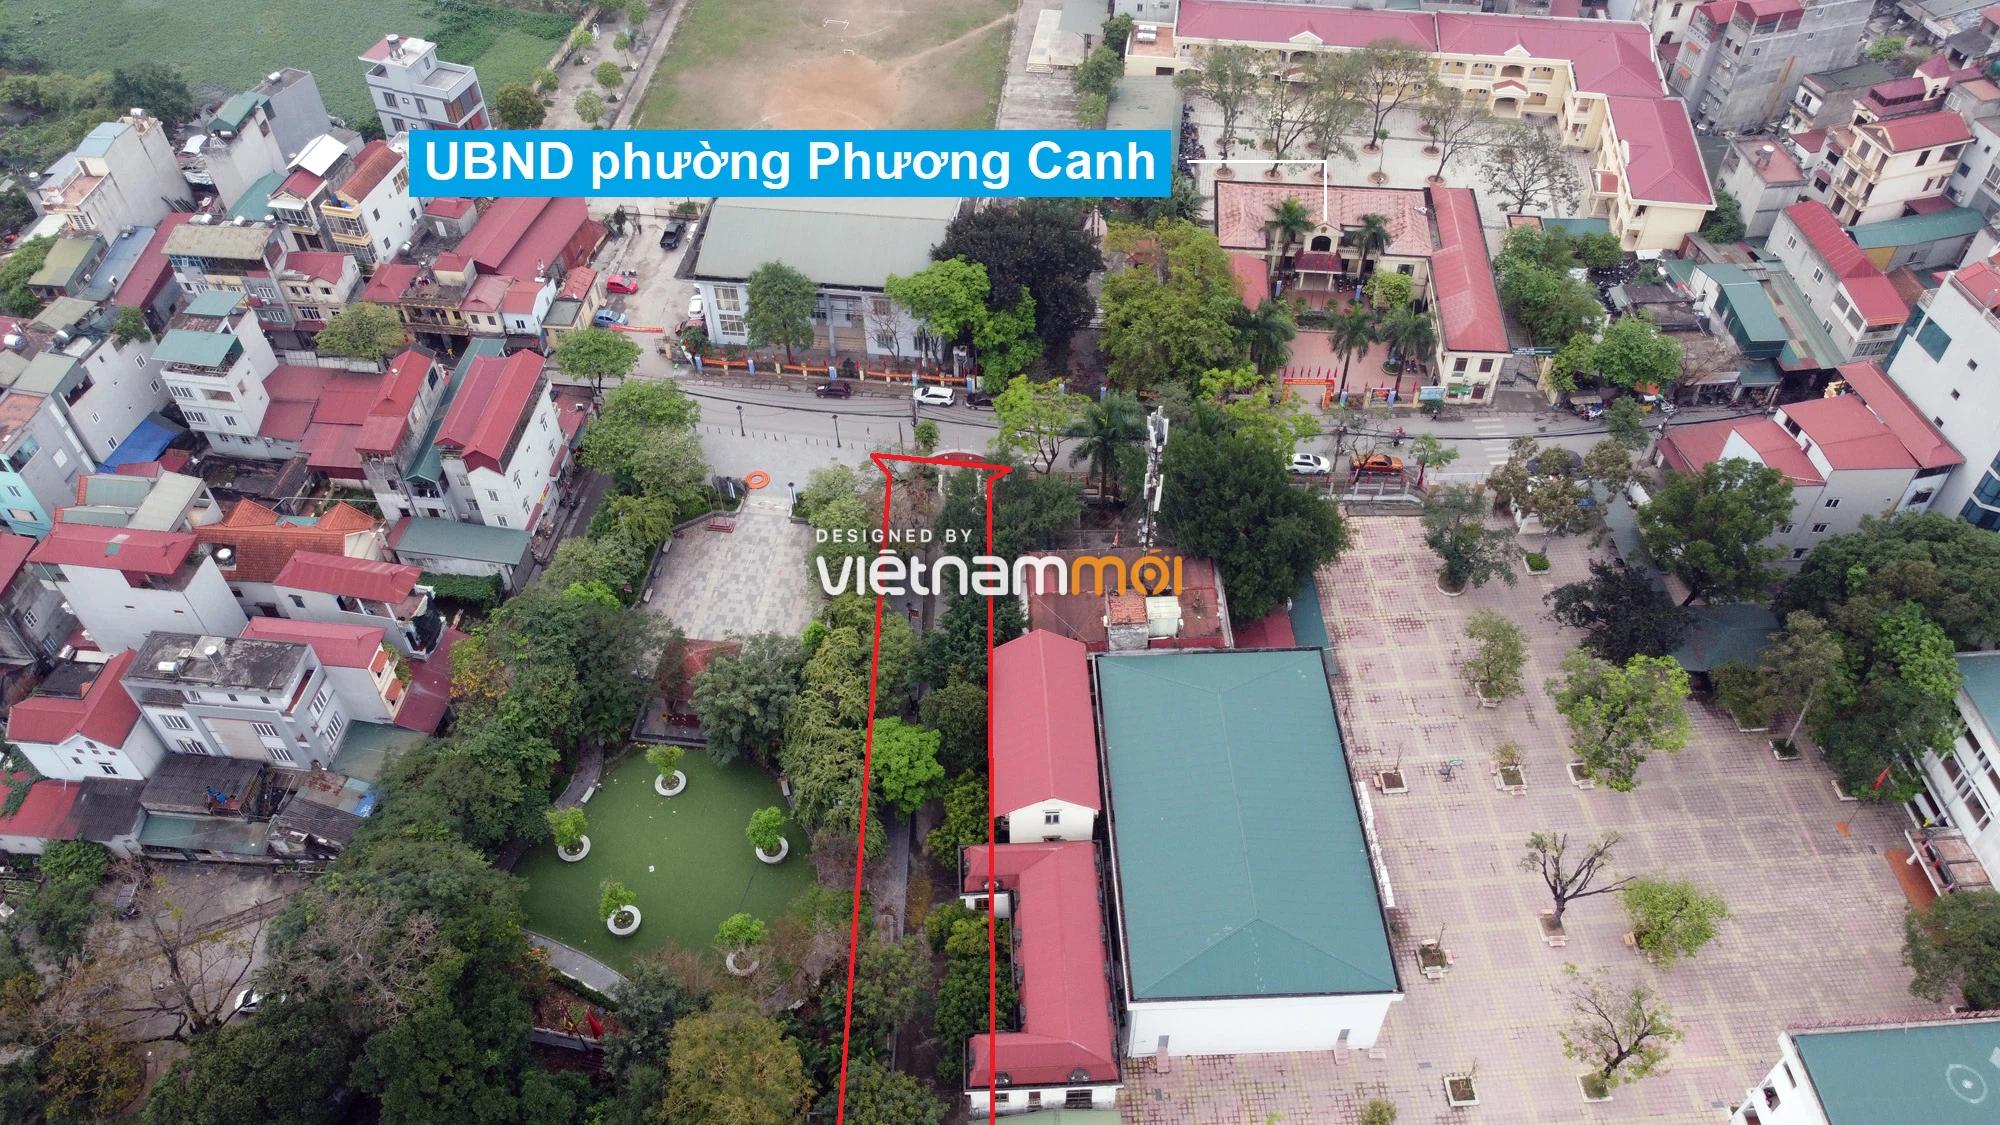 Những khu đất sắp thu hồi để mở đường ở phường Phương Canh, Nam Từ Liêm, Hà Nội (phần 4) - Ảnh 6.